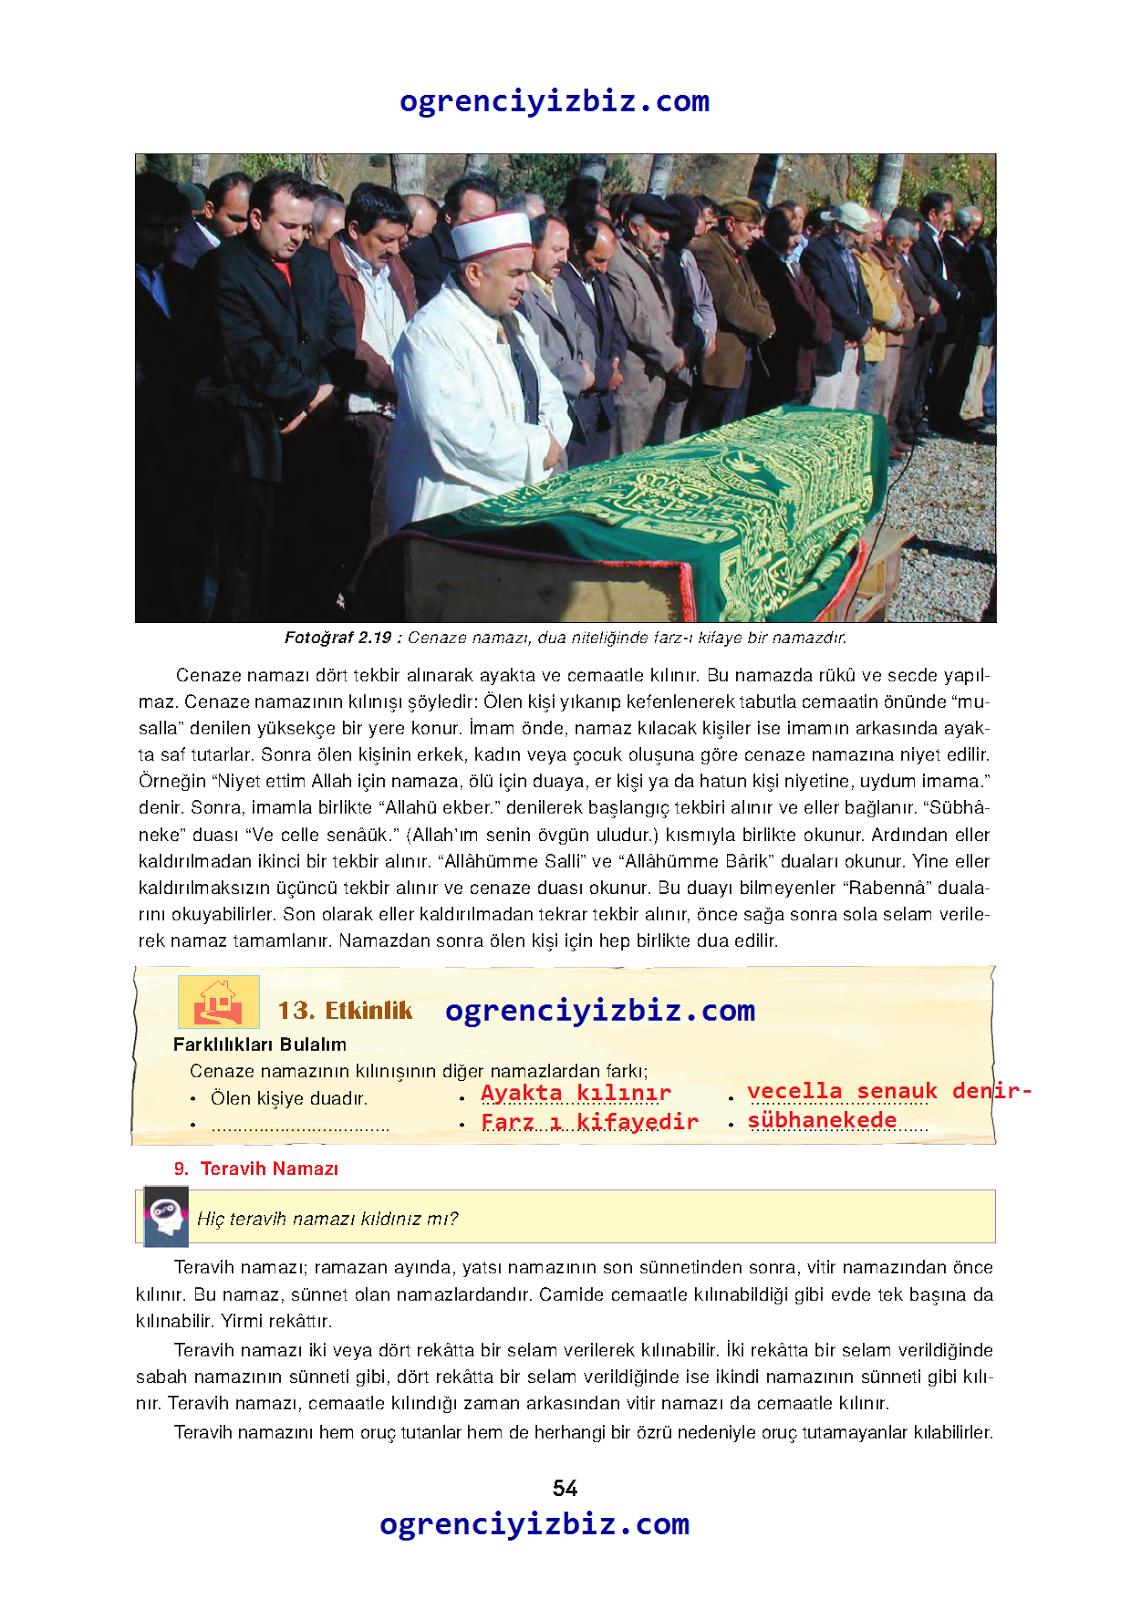 6.Sınıf Din Kültürü ve Ahlak Bilgisi  İlke Yayınları Ders Kitabı Sayfa 54  Cevapları